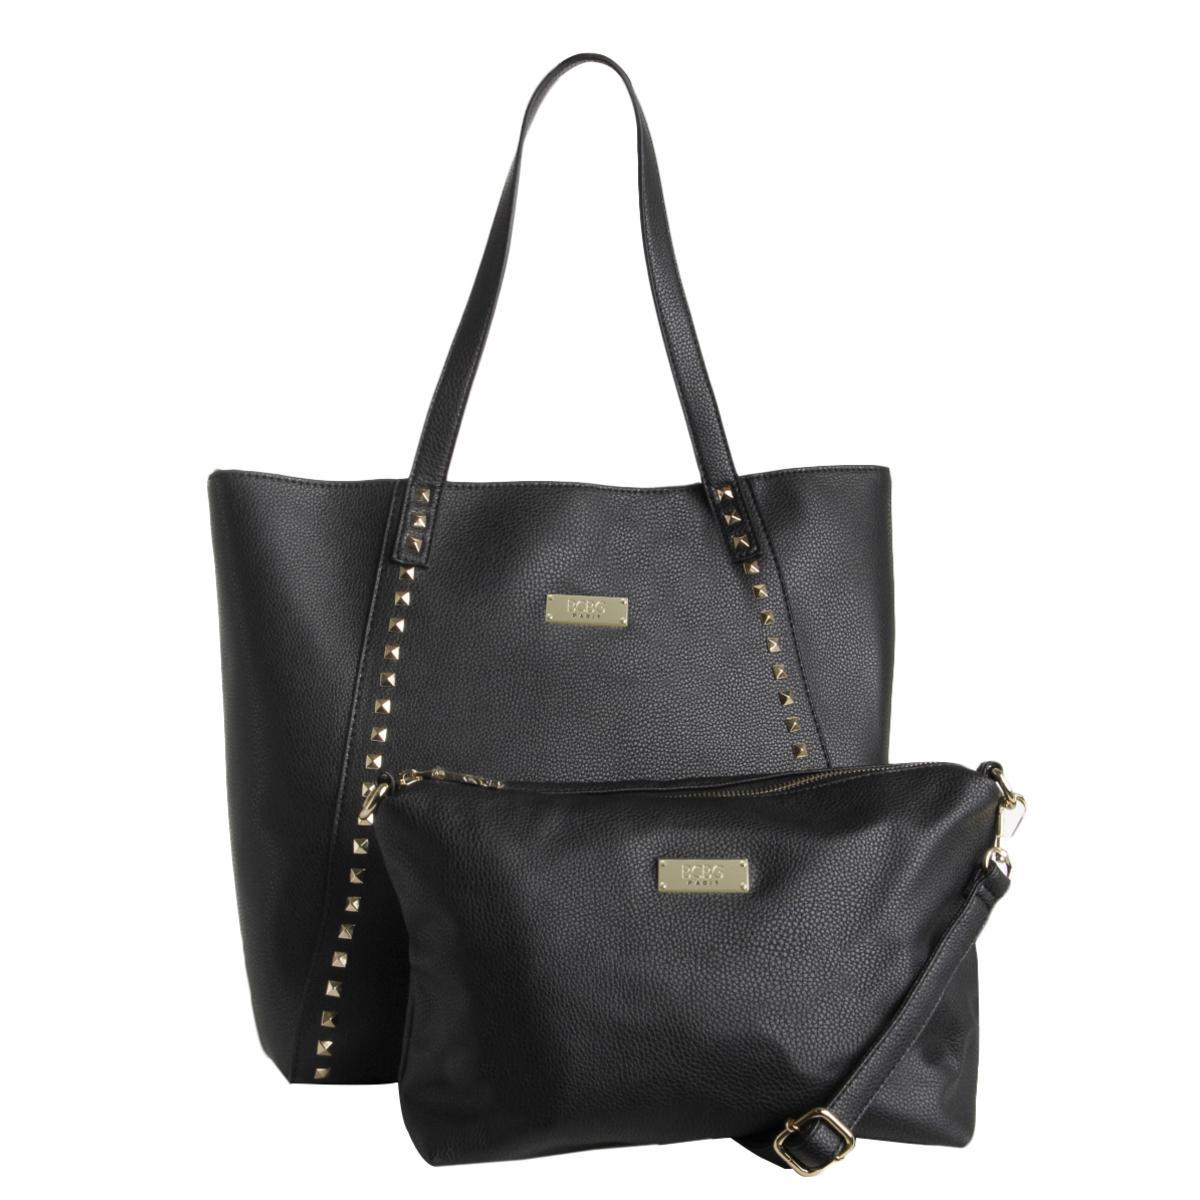 486cb8230382 Details about BCBG Paris Womens Black Faux Leather Studded Tote Handbag  Purse Large BHFO 2623